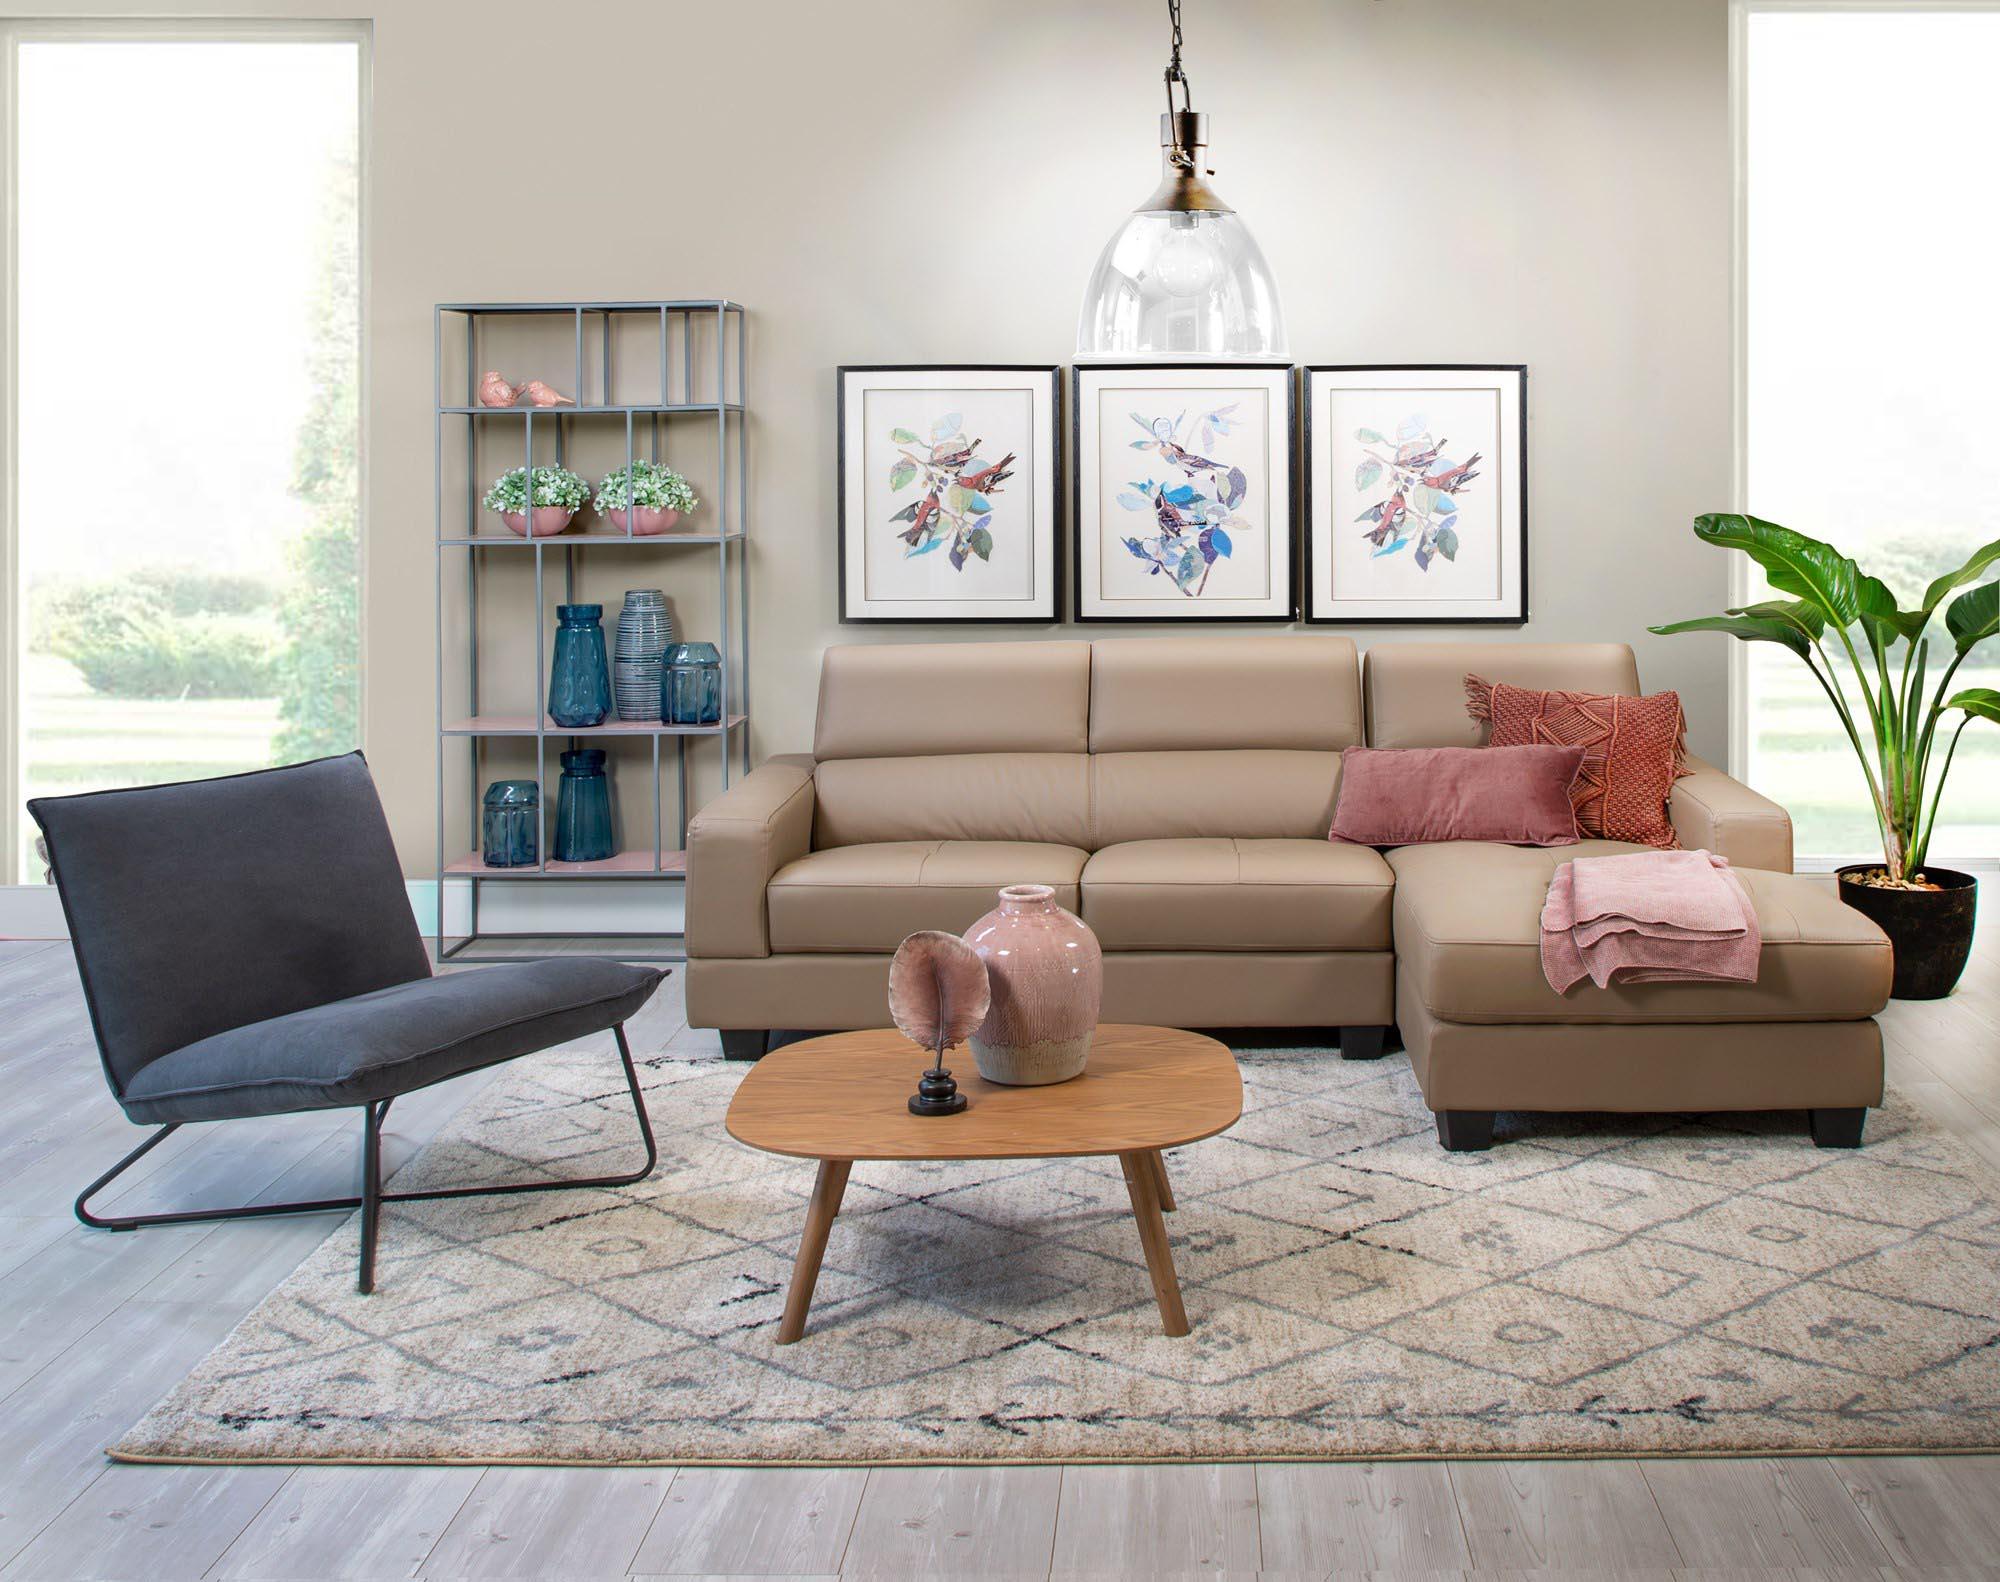 כורסא בעיצוב מודרני דגם פרינס ביתילי בעלת ריפוד בד כותנה עם תפרים תואמים ומסגרת ברזל   - תמונה 6